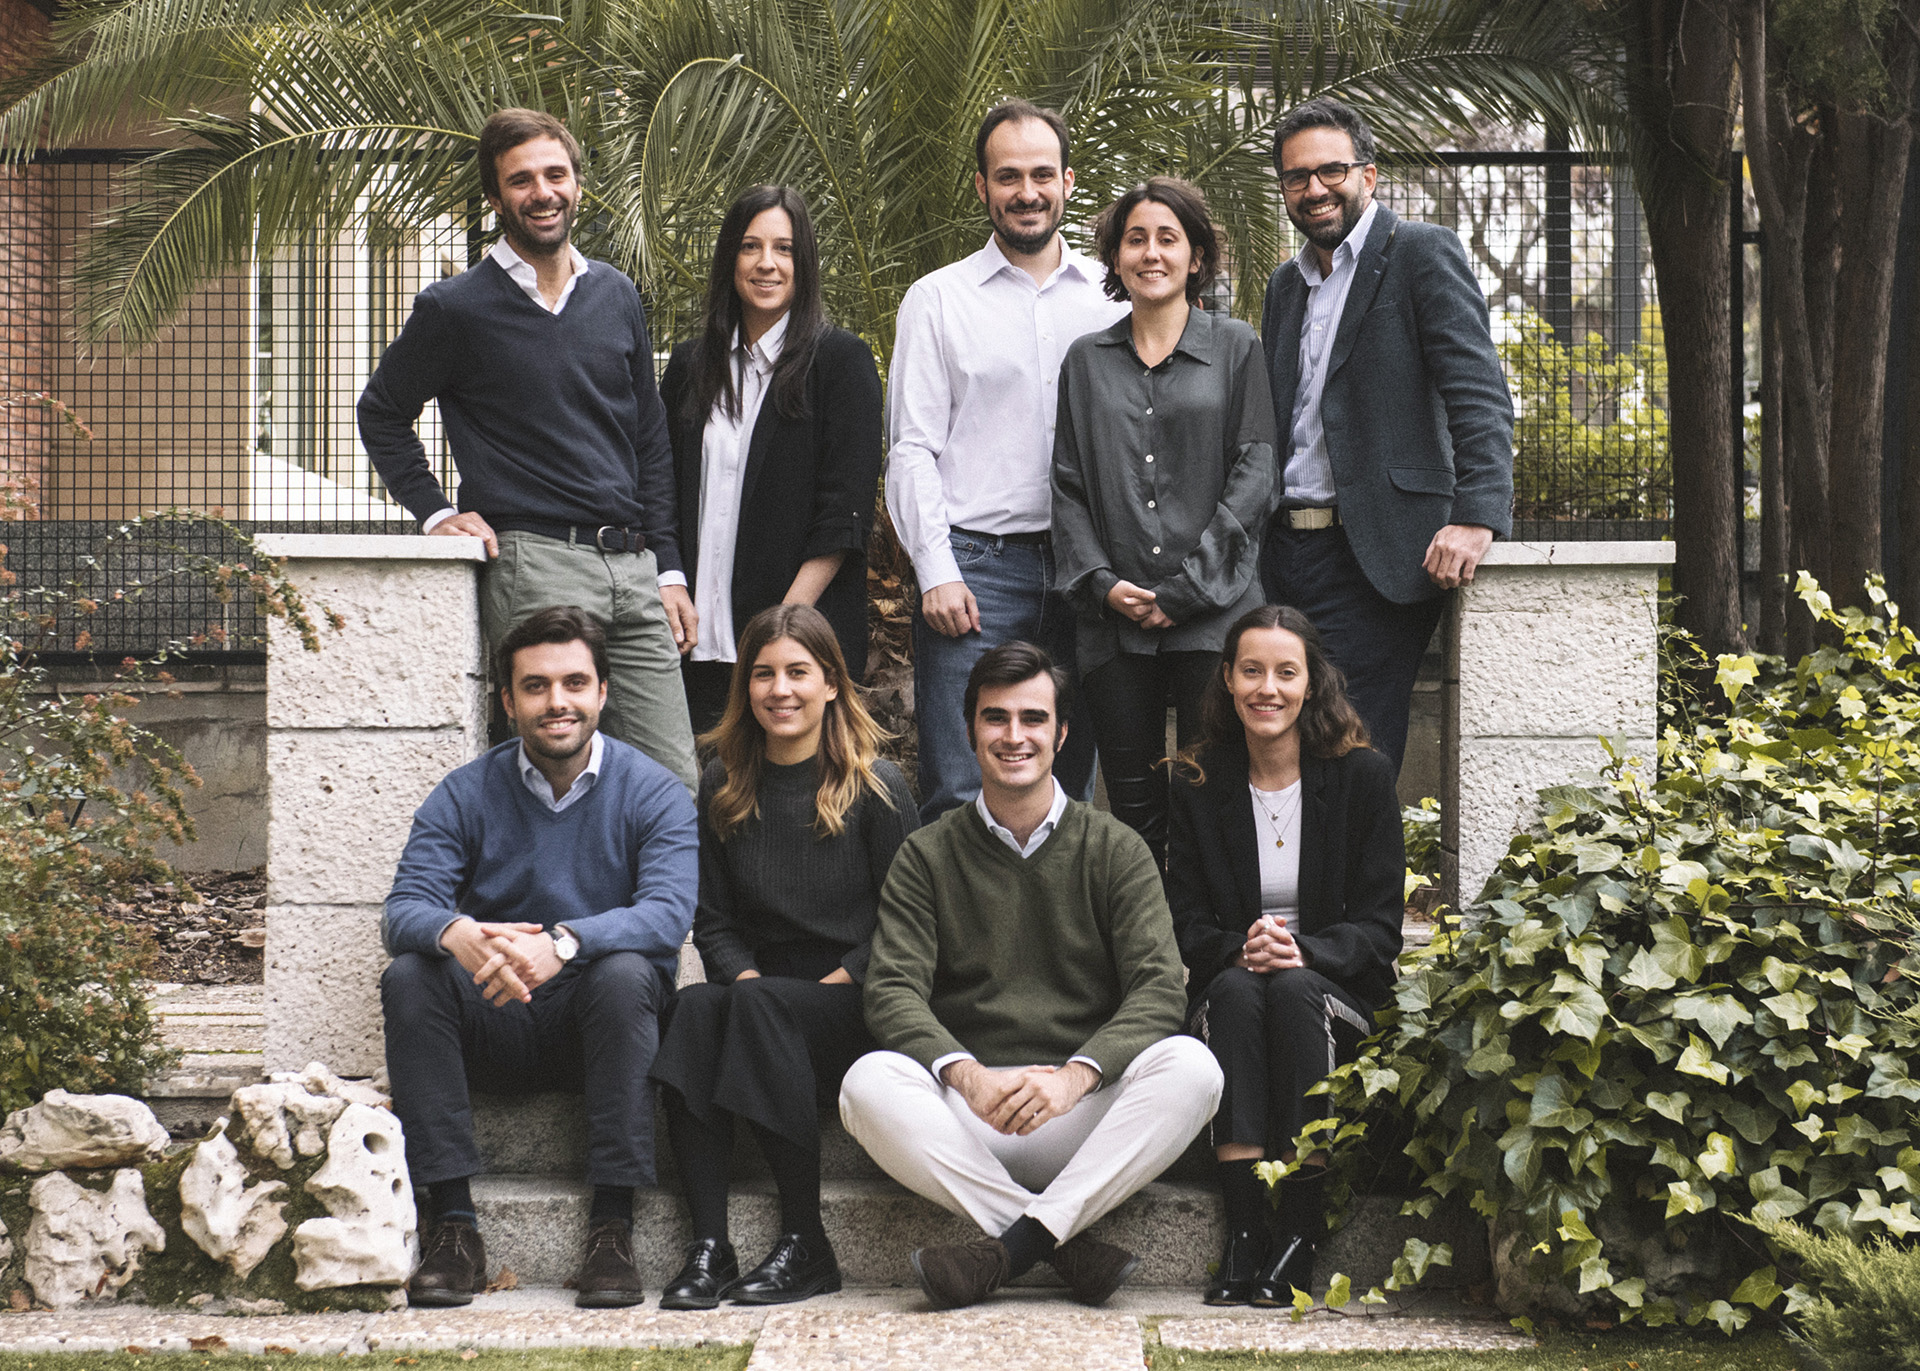 Youandlaw es una firma madrileña de abogados, creada en 2011 por Gonzalo de Ulloa y Pablo Casado.